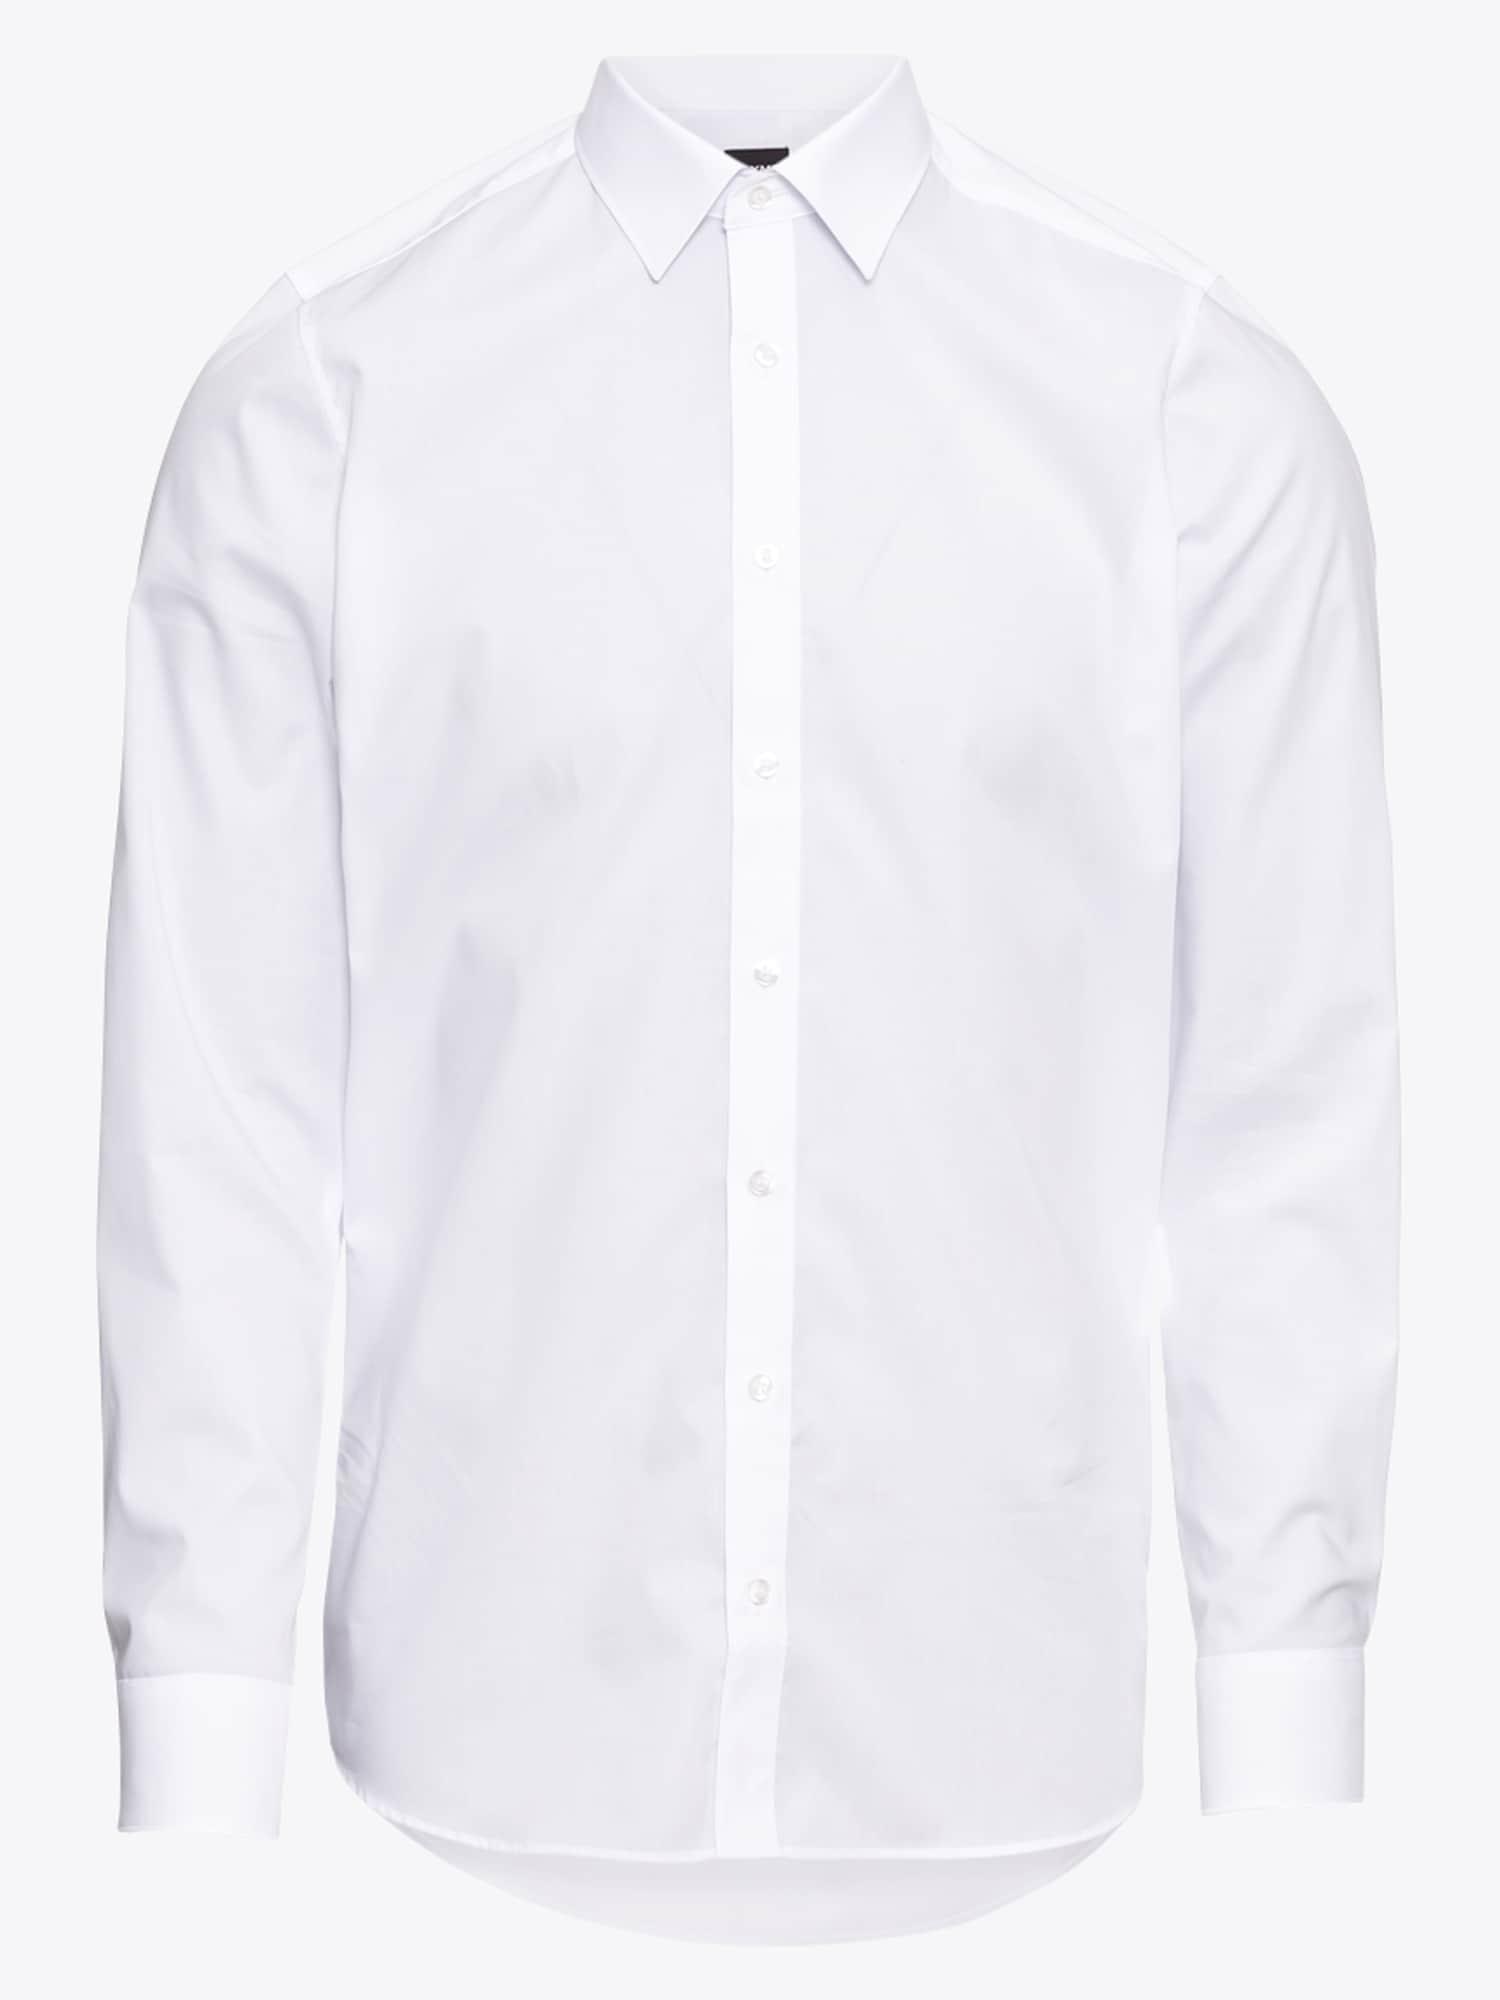 OLYMP, Heren Zakelijk overhemd 'Level 5 Uni Pop', wit